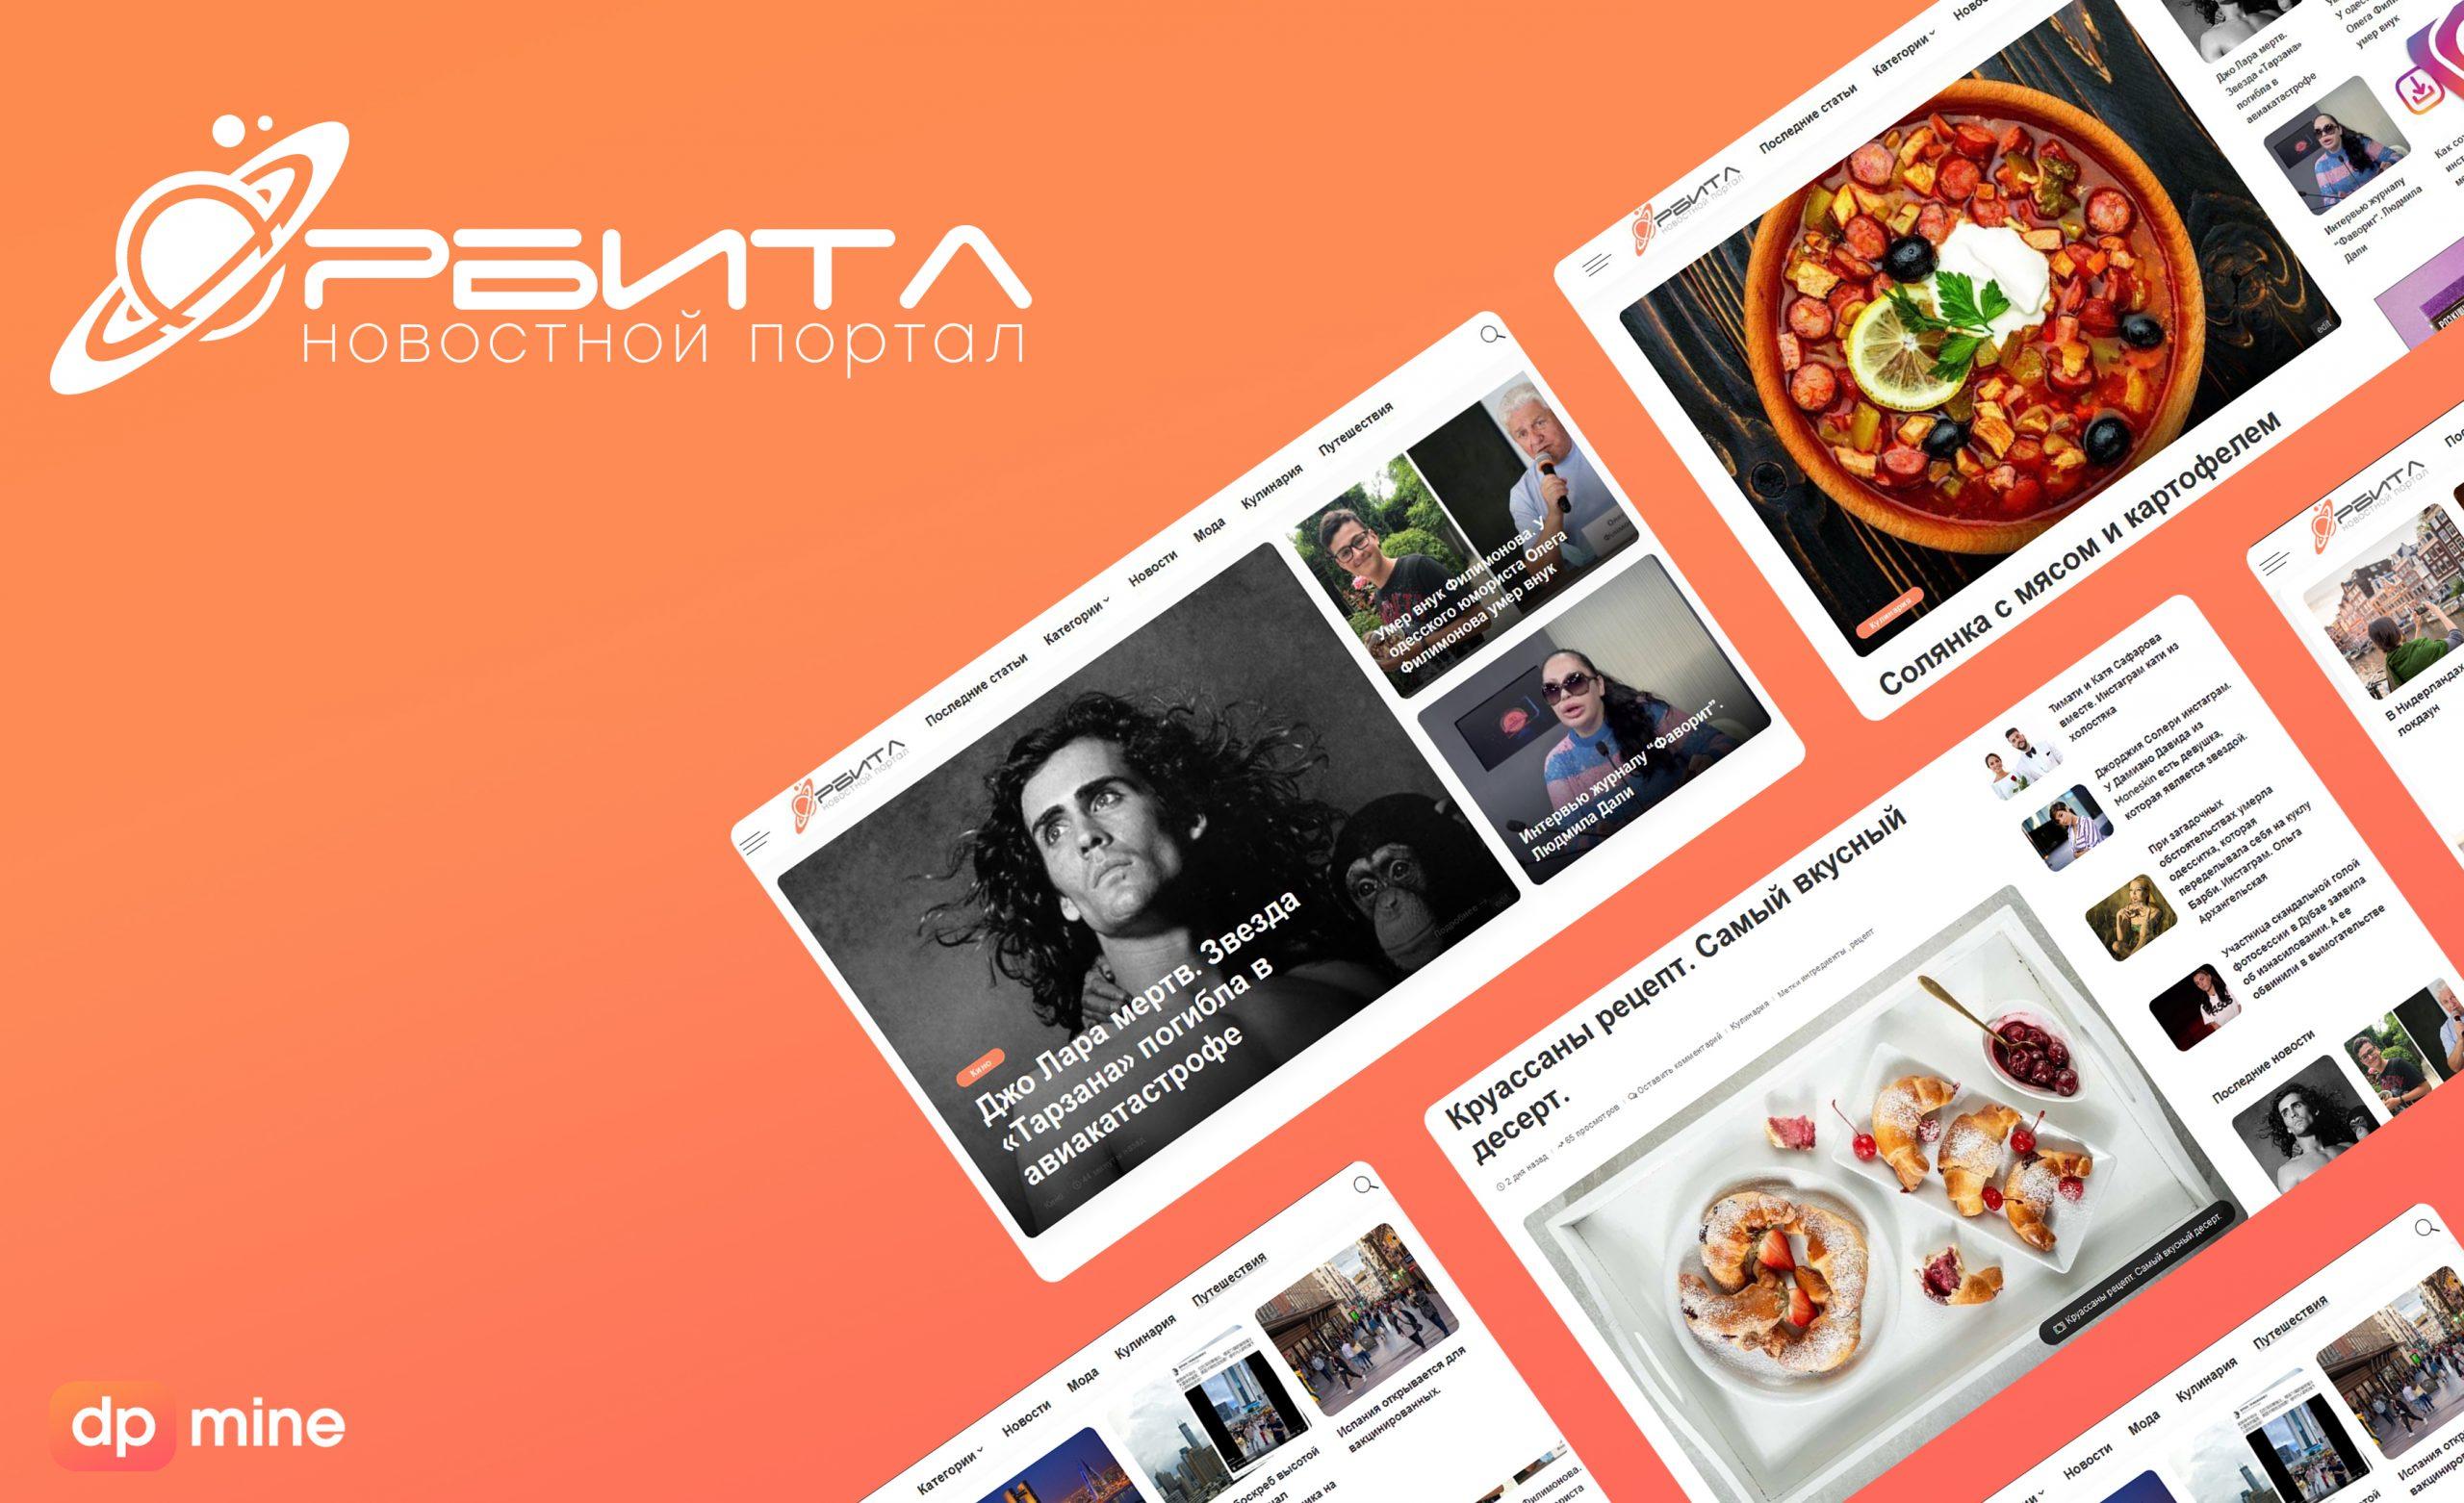 Создание и разработка сайтов от веб-студии dpmine.com.ua, заказать сайт с нуля недорого под ключ в https://orbita.news/ - dpmine.com.ua